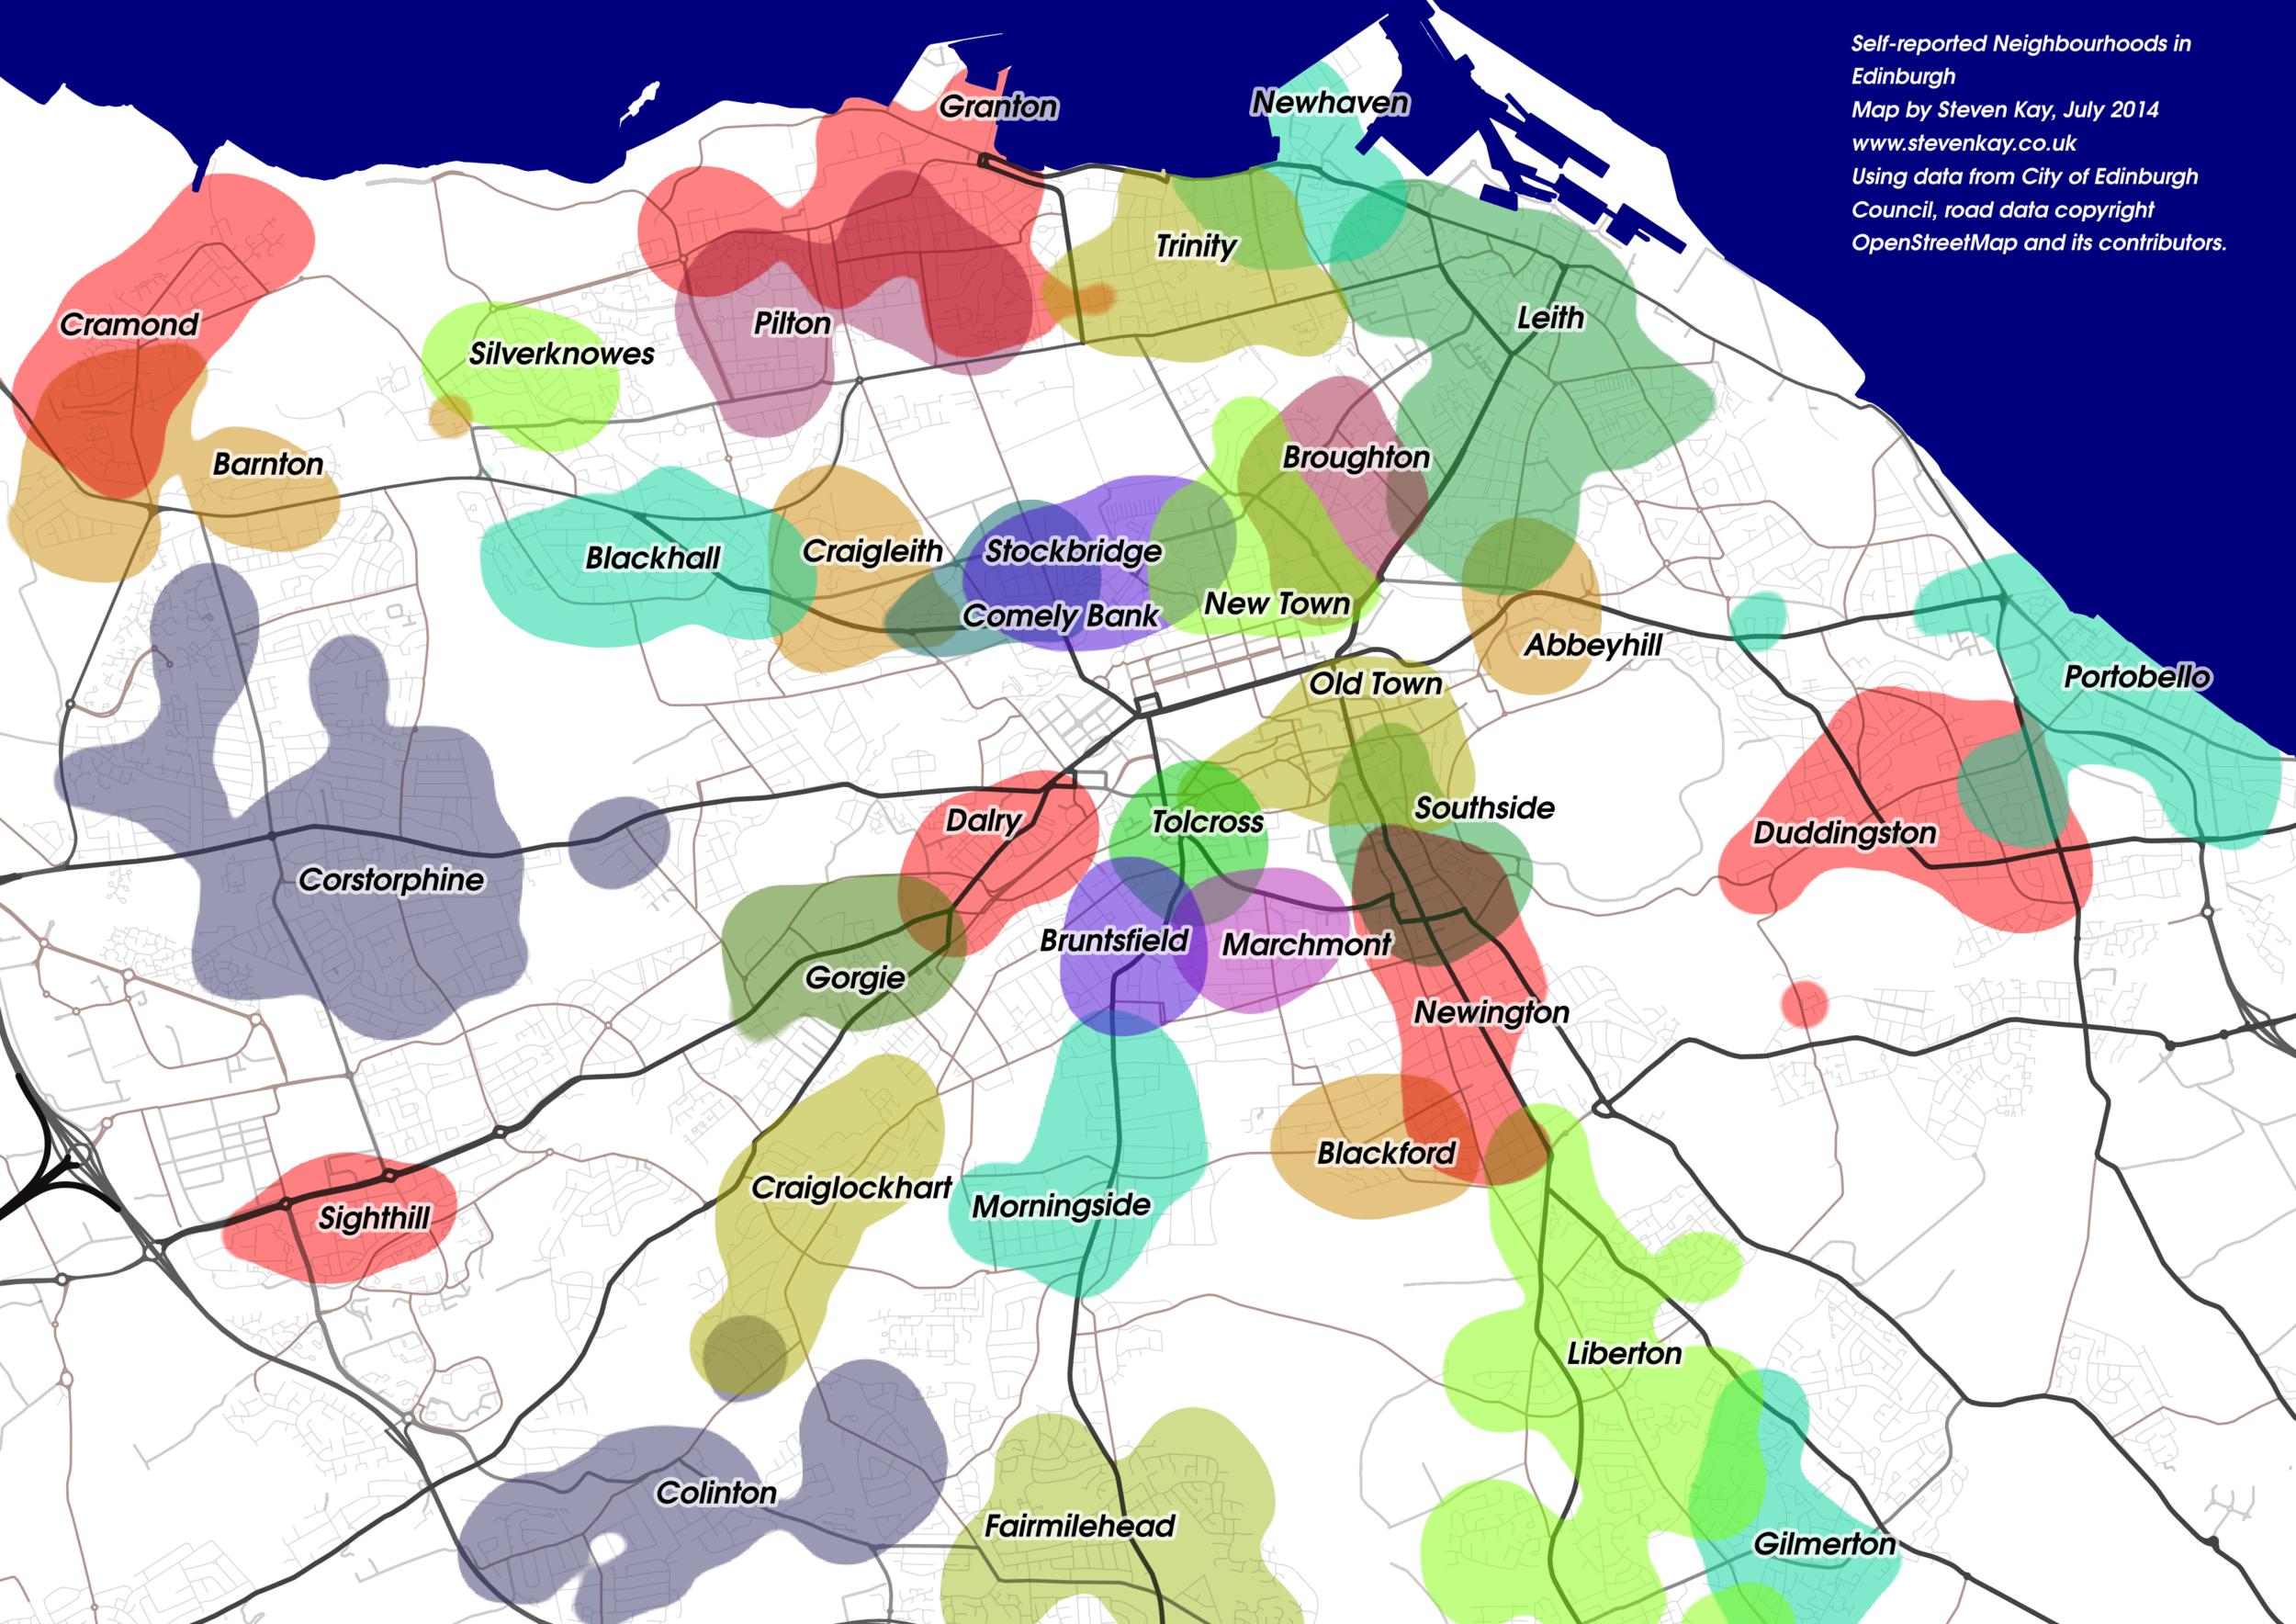 Crowdsourced neighbourhoods